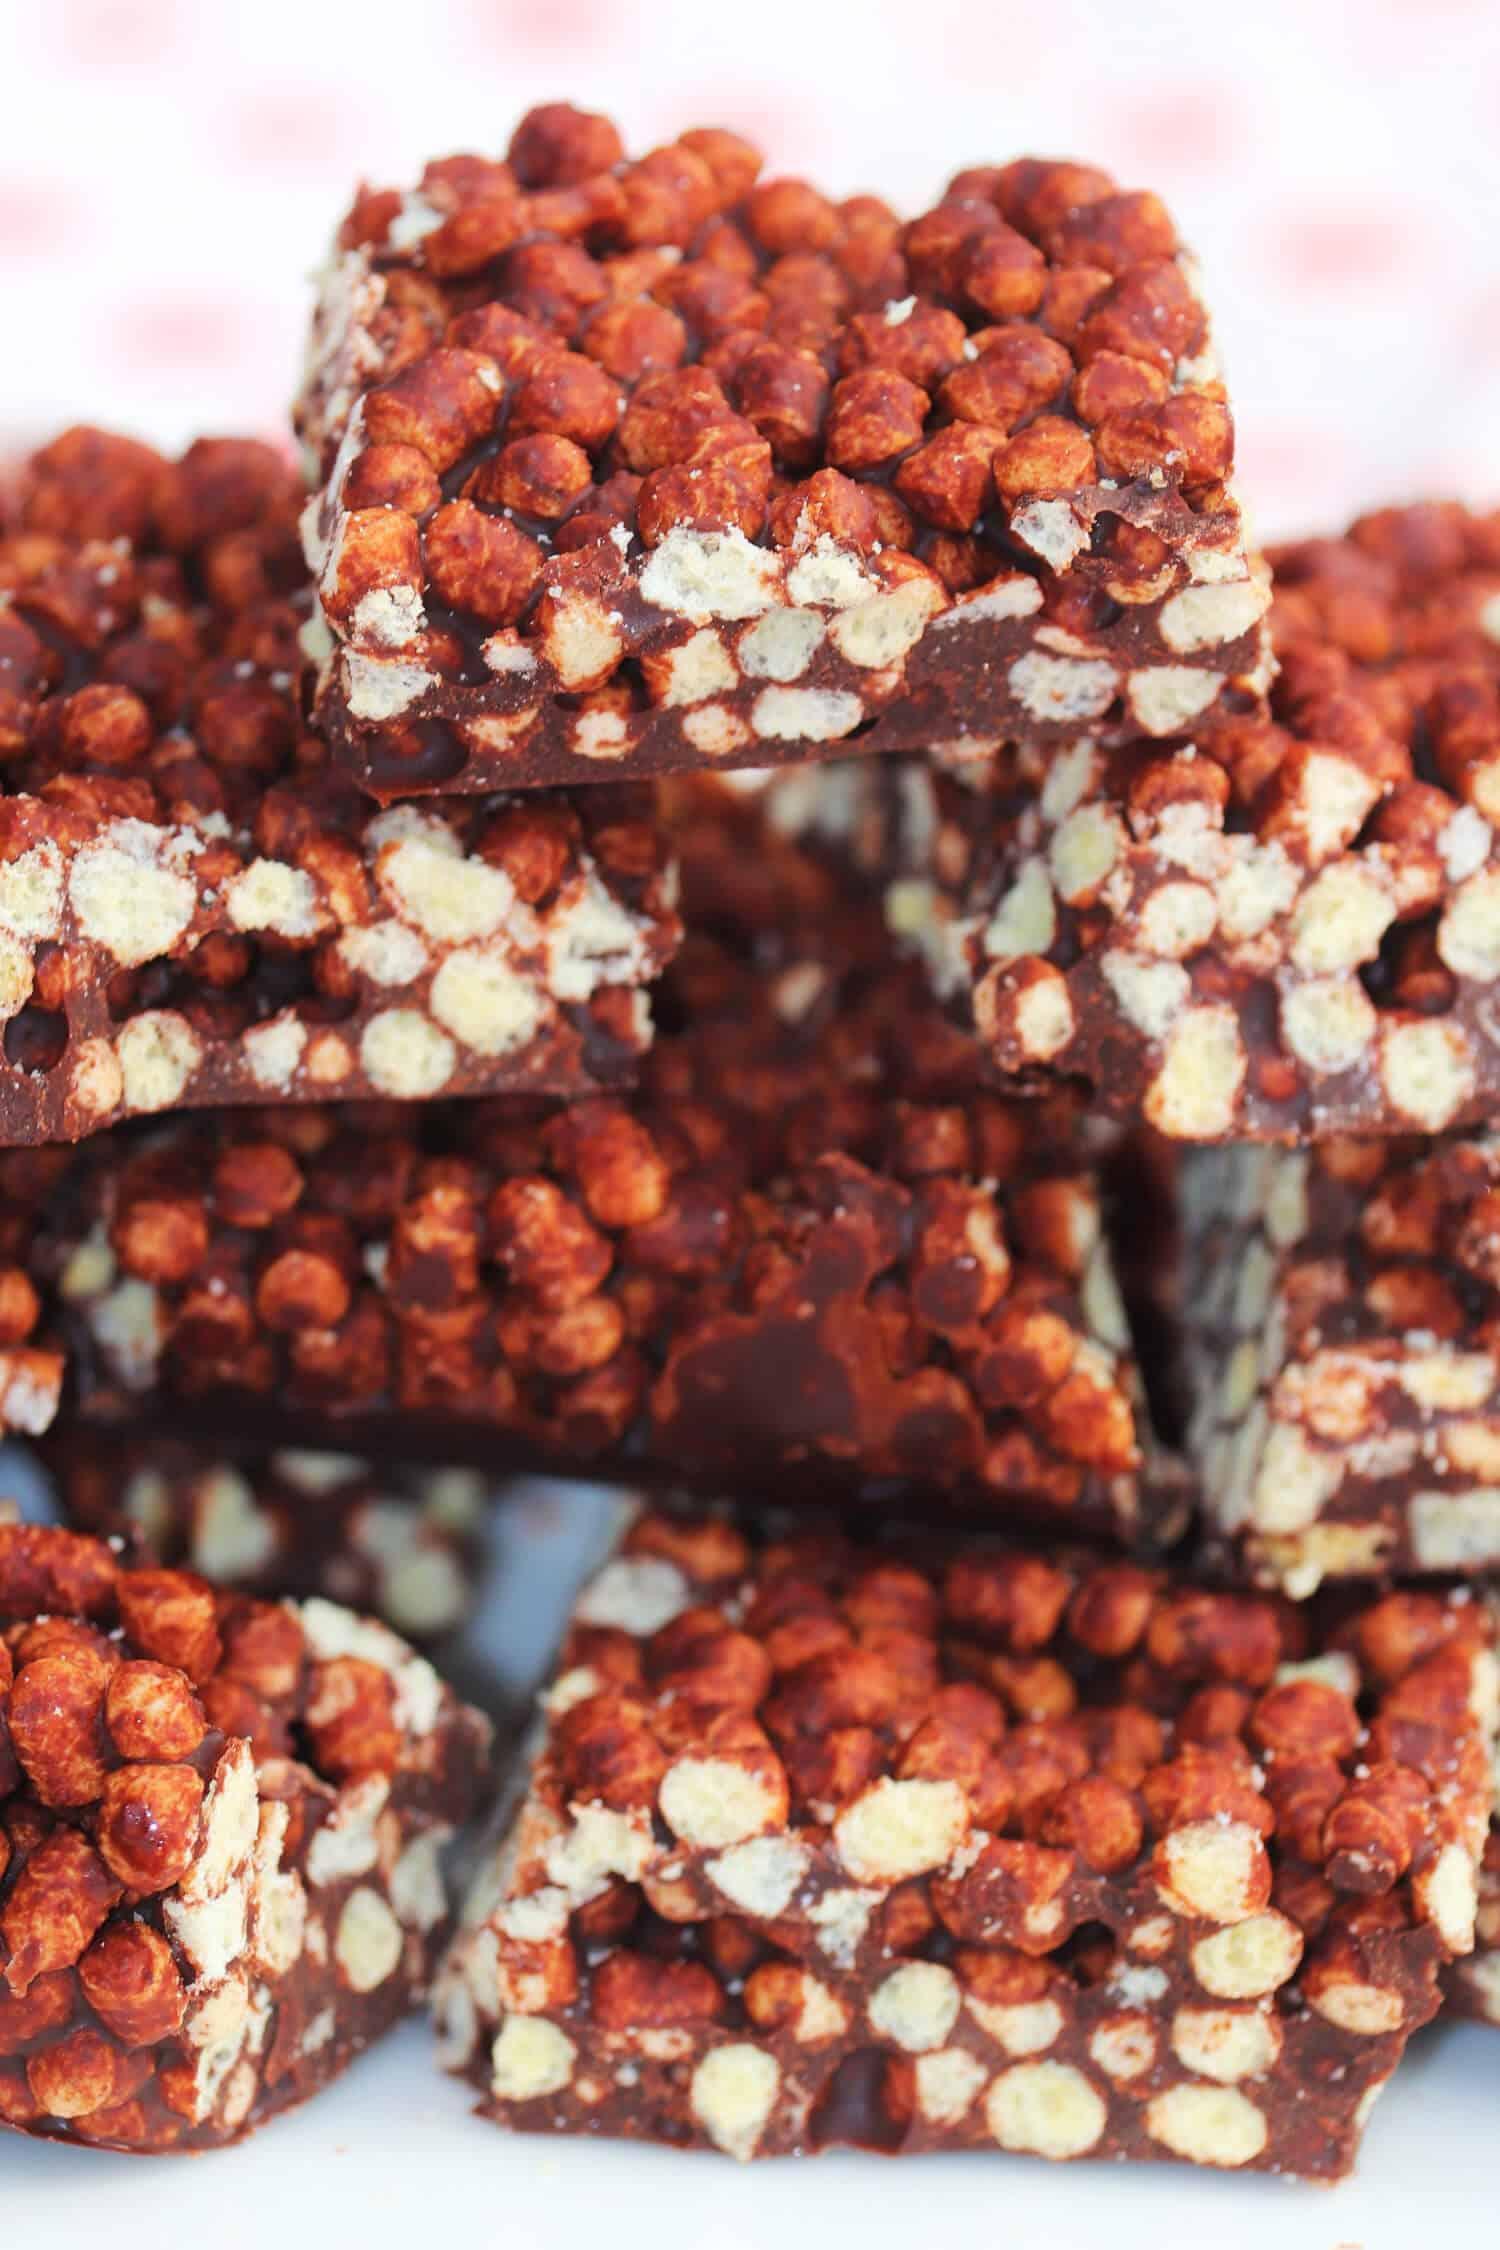 Low Carb Süßigkeiten Rezepte mit Erythrit